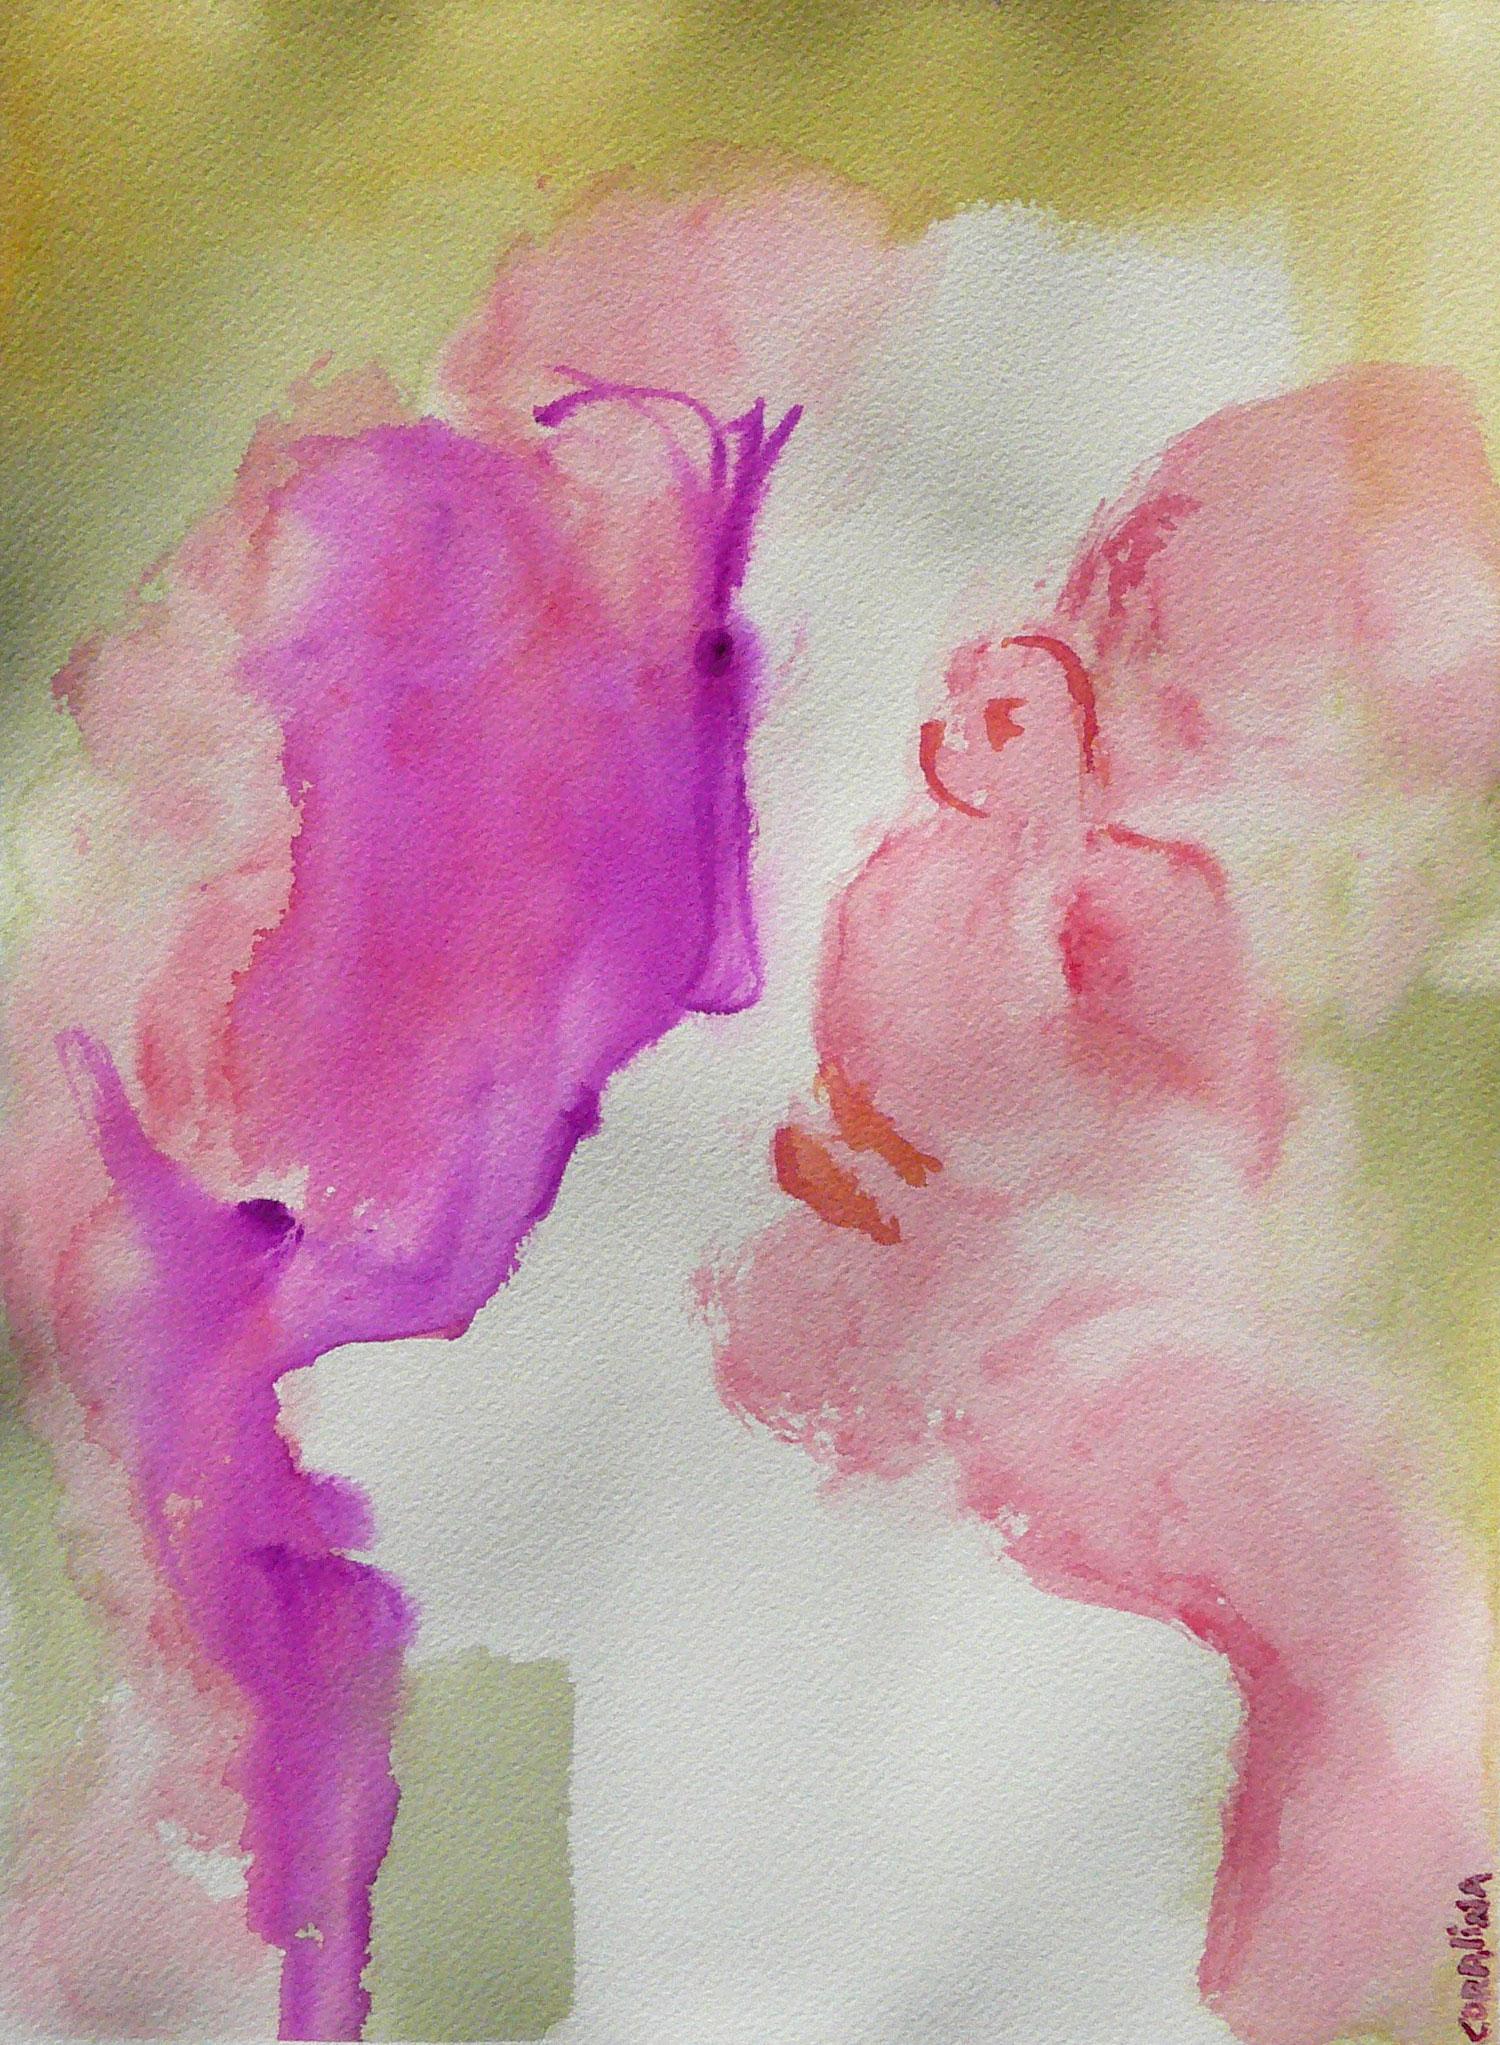 #2 Watercoloron Paper 2x16in (31x41cm)